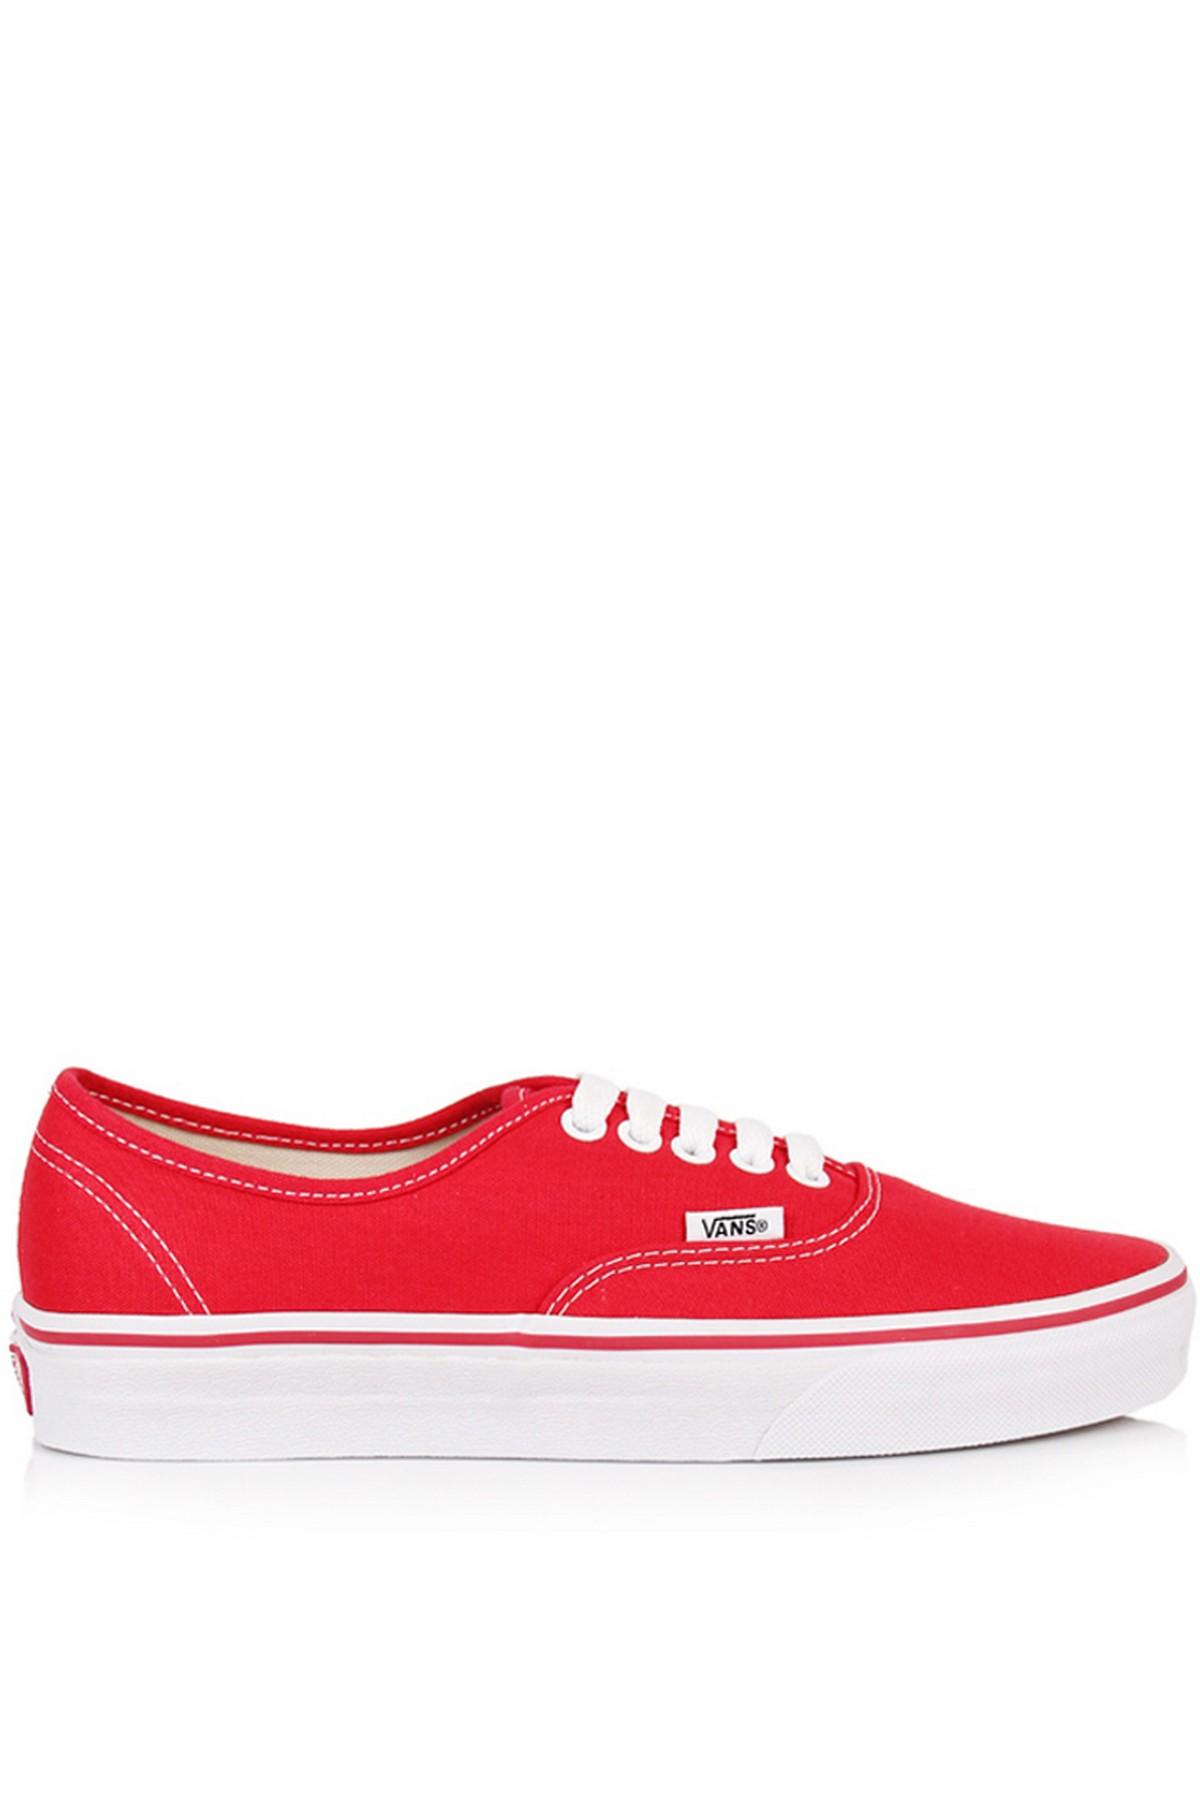 Vans Authentic Günlük  Ayakkabı Kırmızı Renk - (VEE3RED)